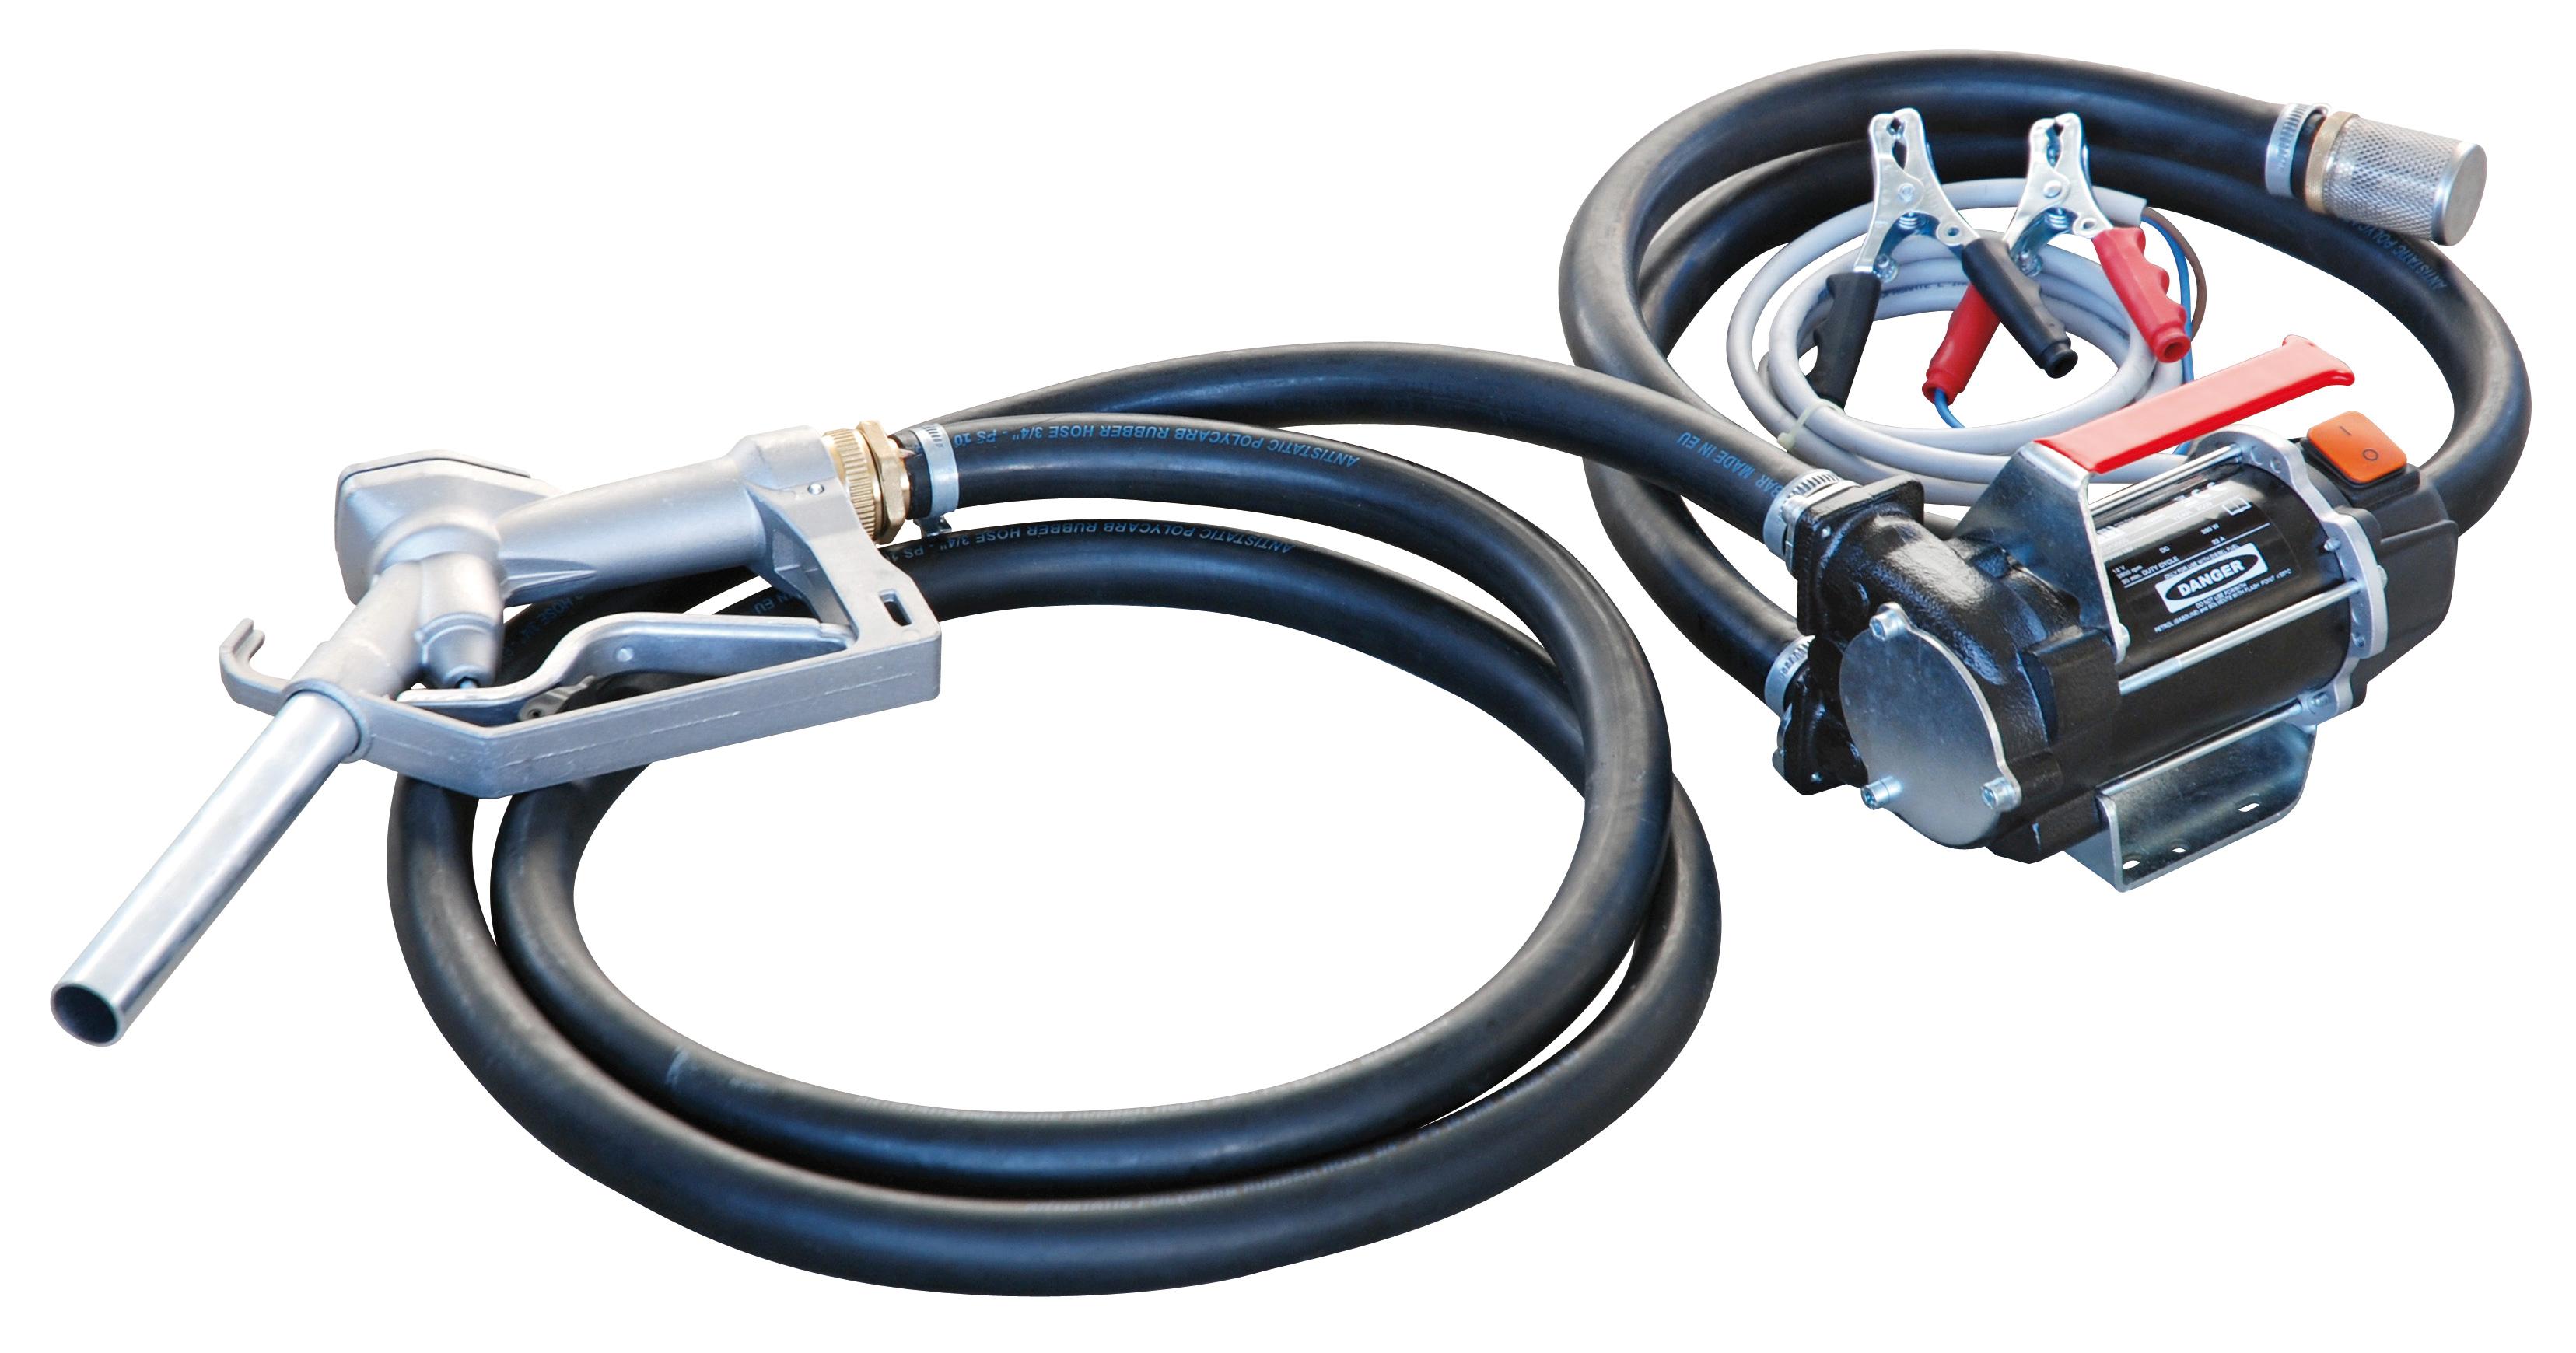 Diesel pump hose